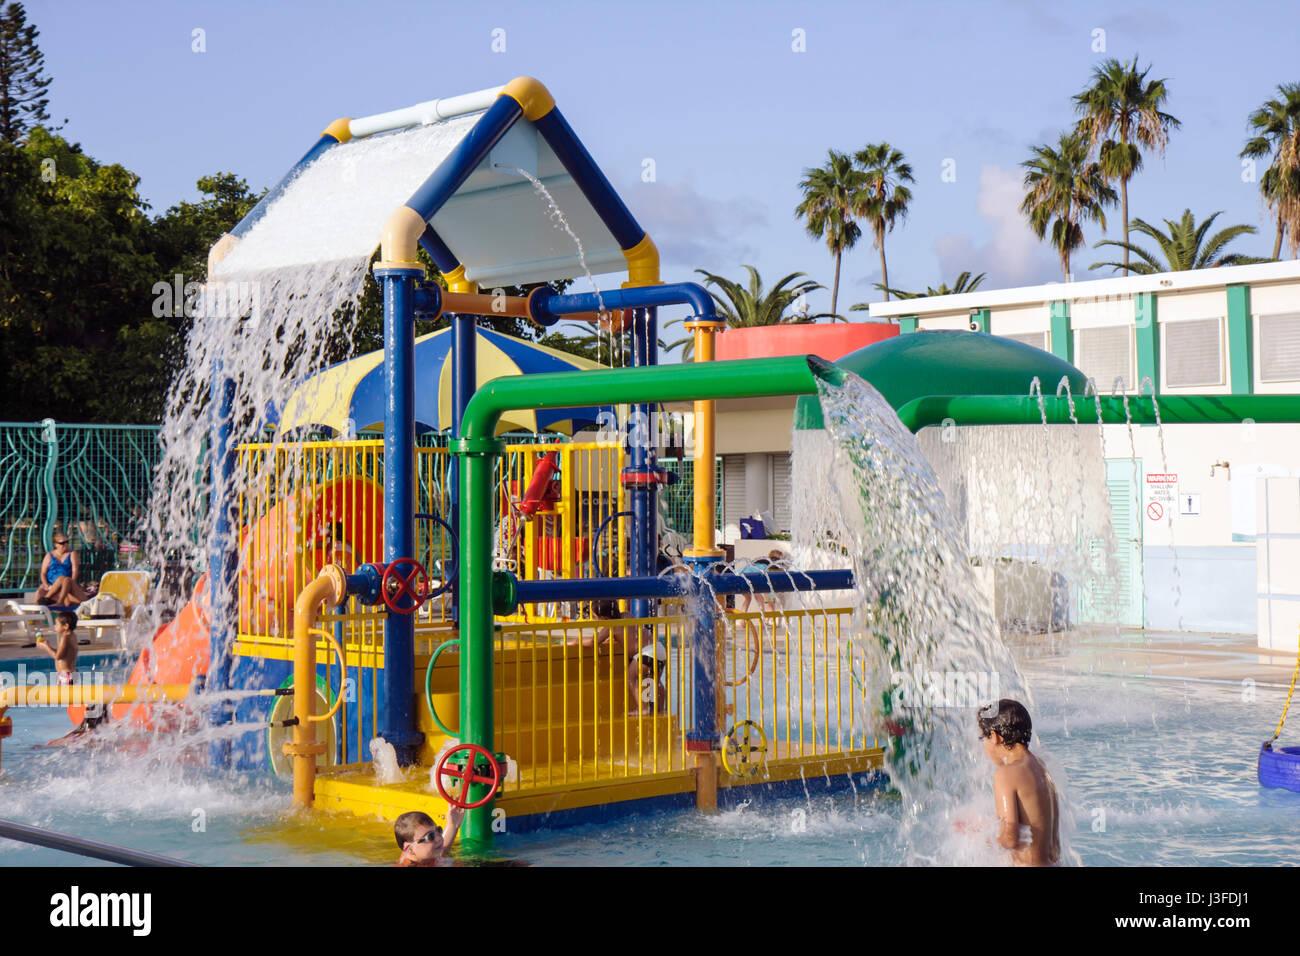 Miami Beach Florida Flamingo Park Swimming Pool Public Boy Boys Child Stock Photo Royalty Free